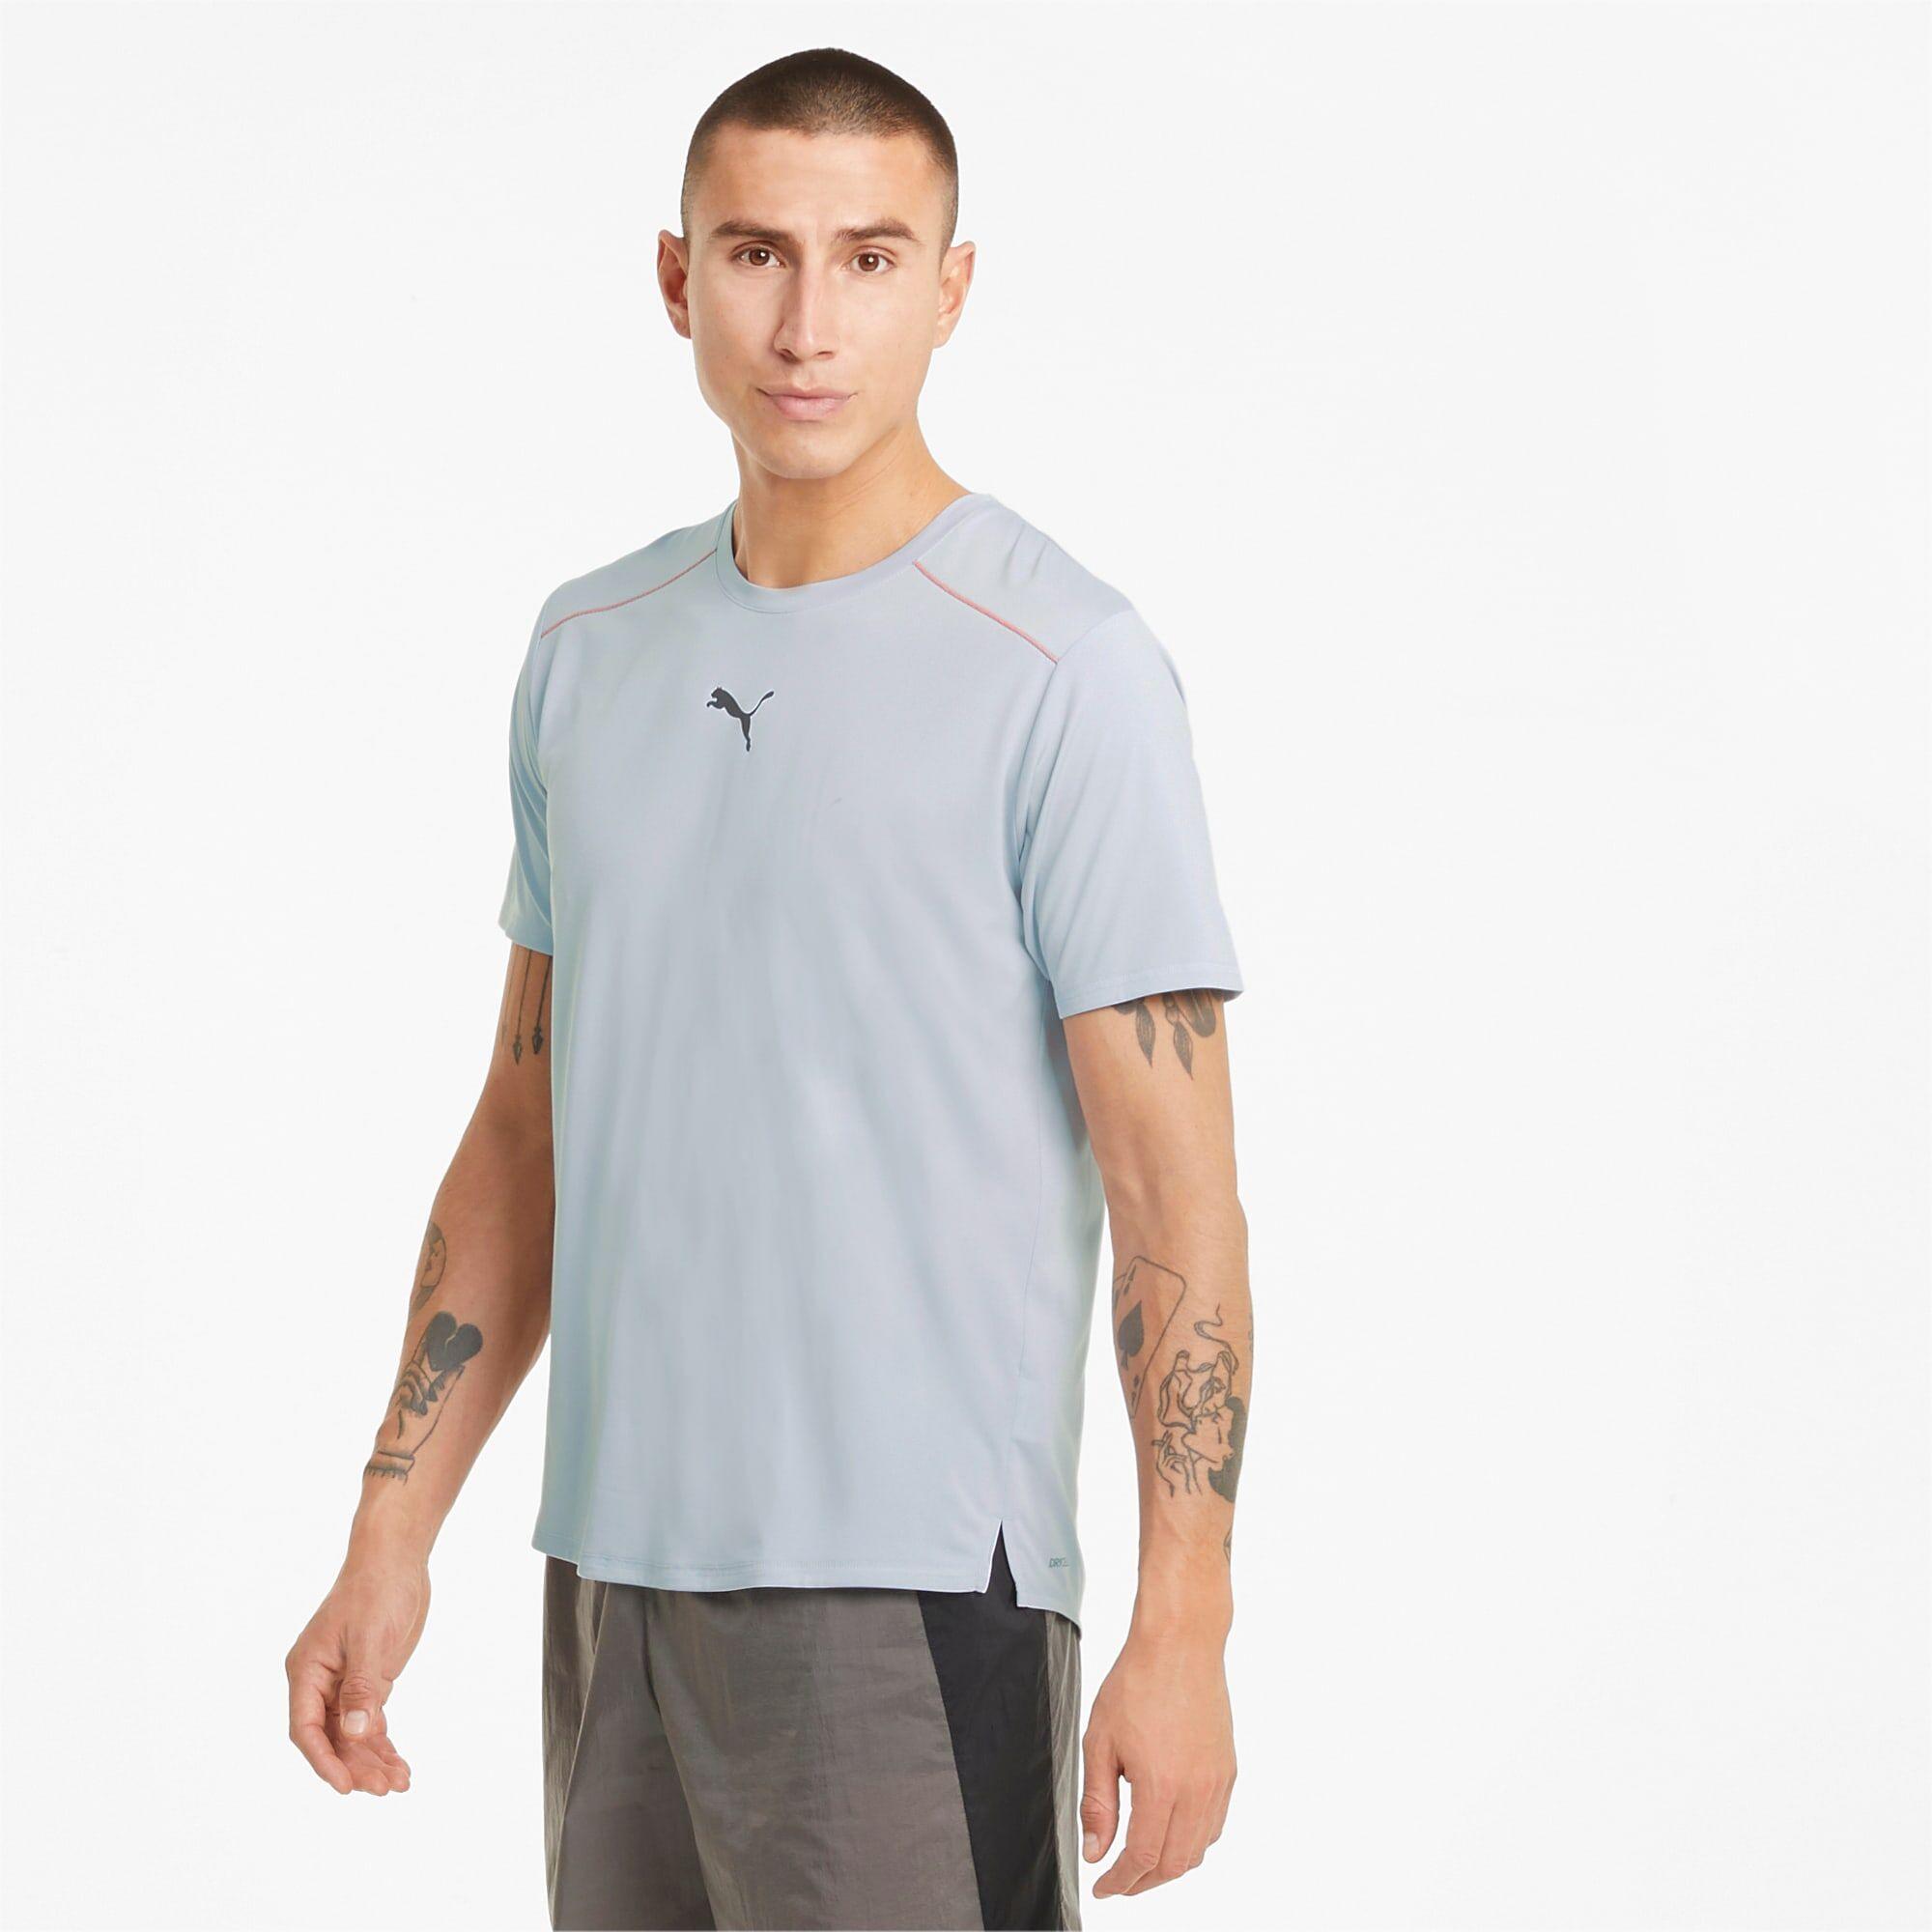 PUMA T-Shirt de course COOLadapt homme, Gris, Taille L, Vêtements